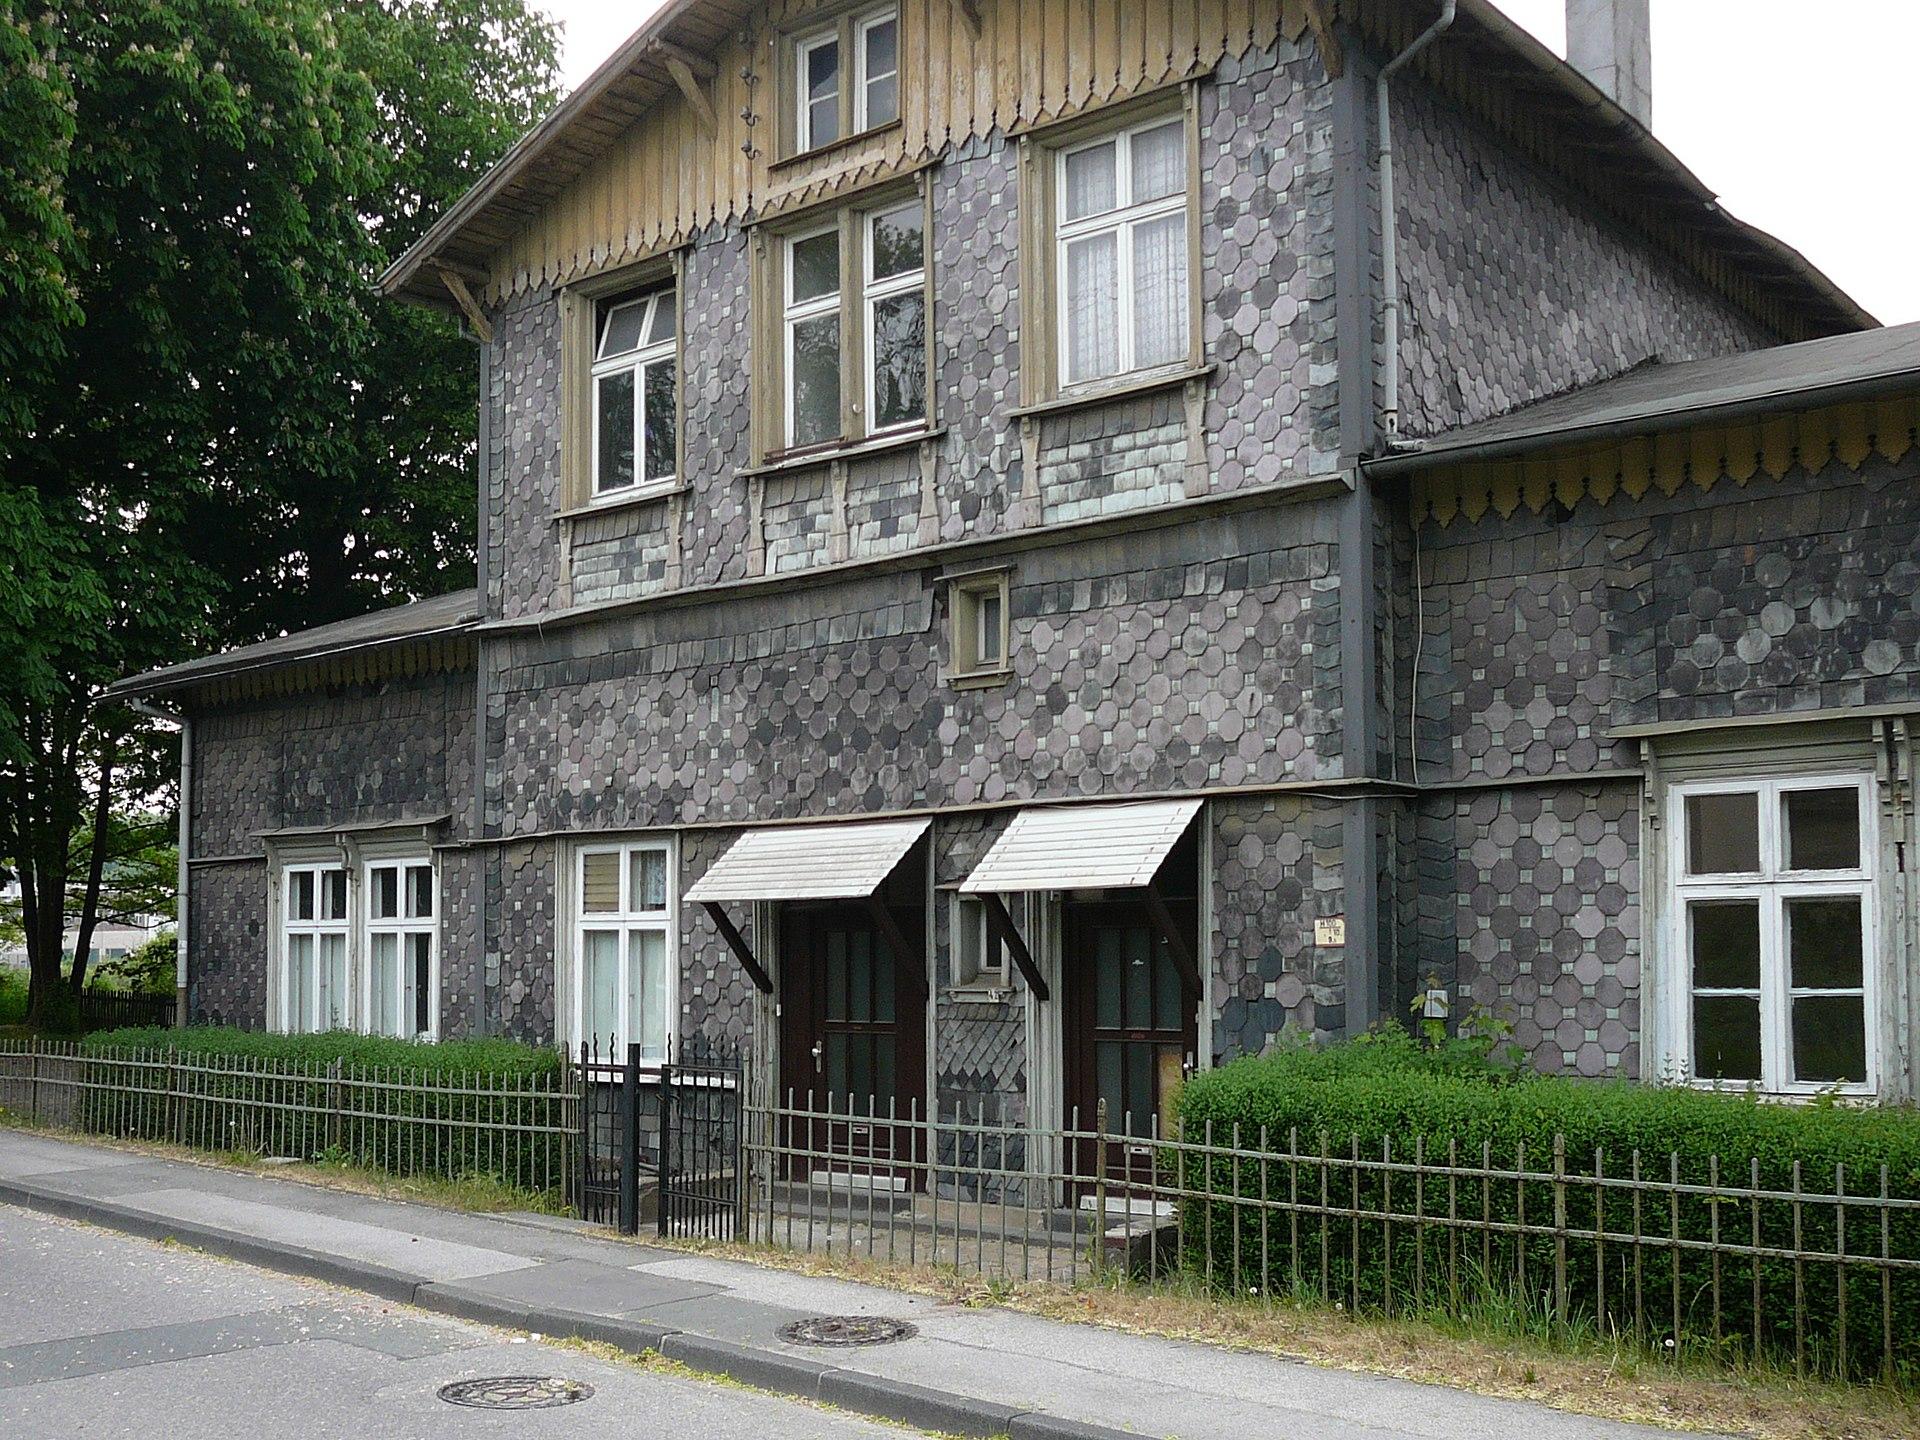 bahnhof wuppertal varresbeck wikipedia. Black Bedroom Furniture Sets. Home Design Ideas